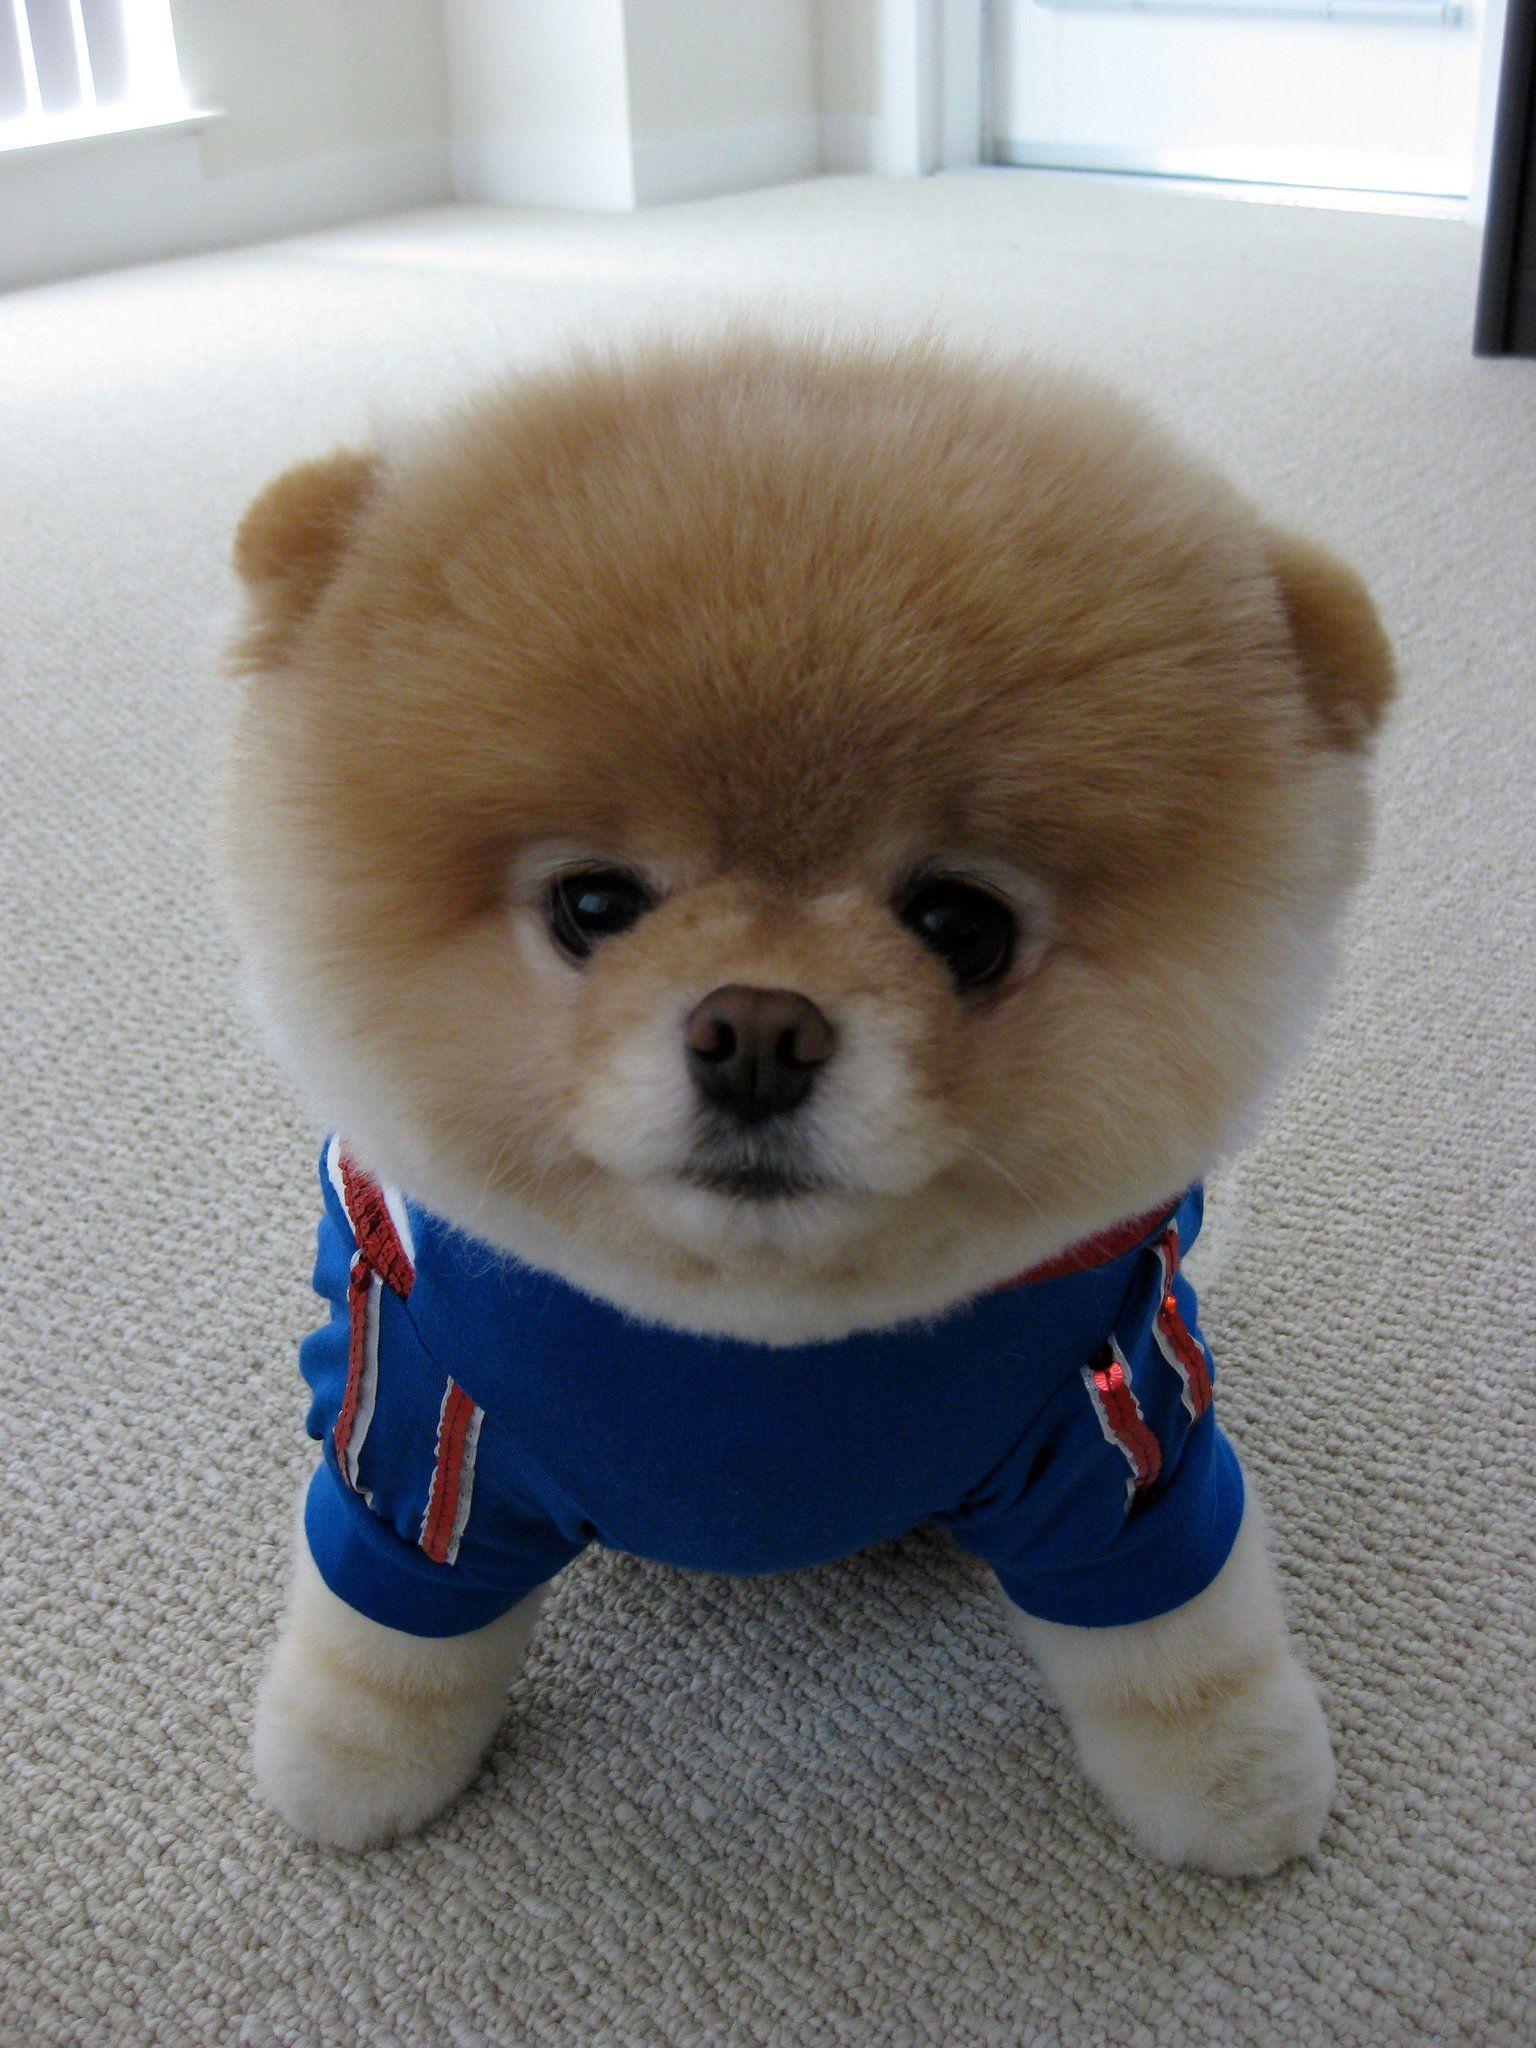 Good Boo Chubby Adorable Dog - 132a40152c2361cc5f67545d68414b40  Image_2811  .jpg